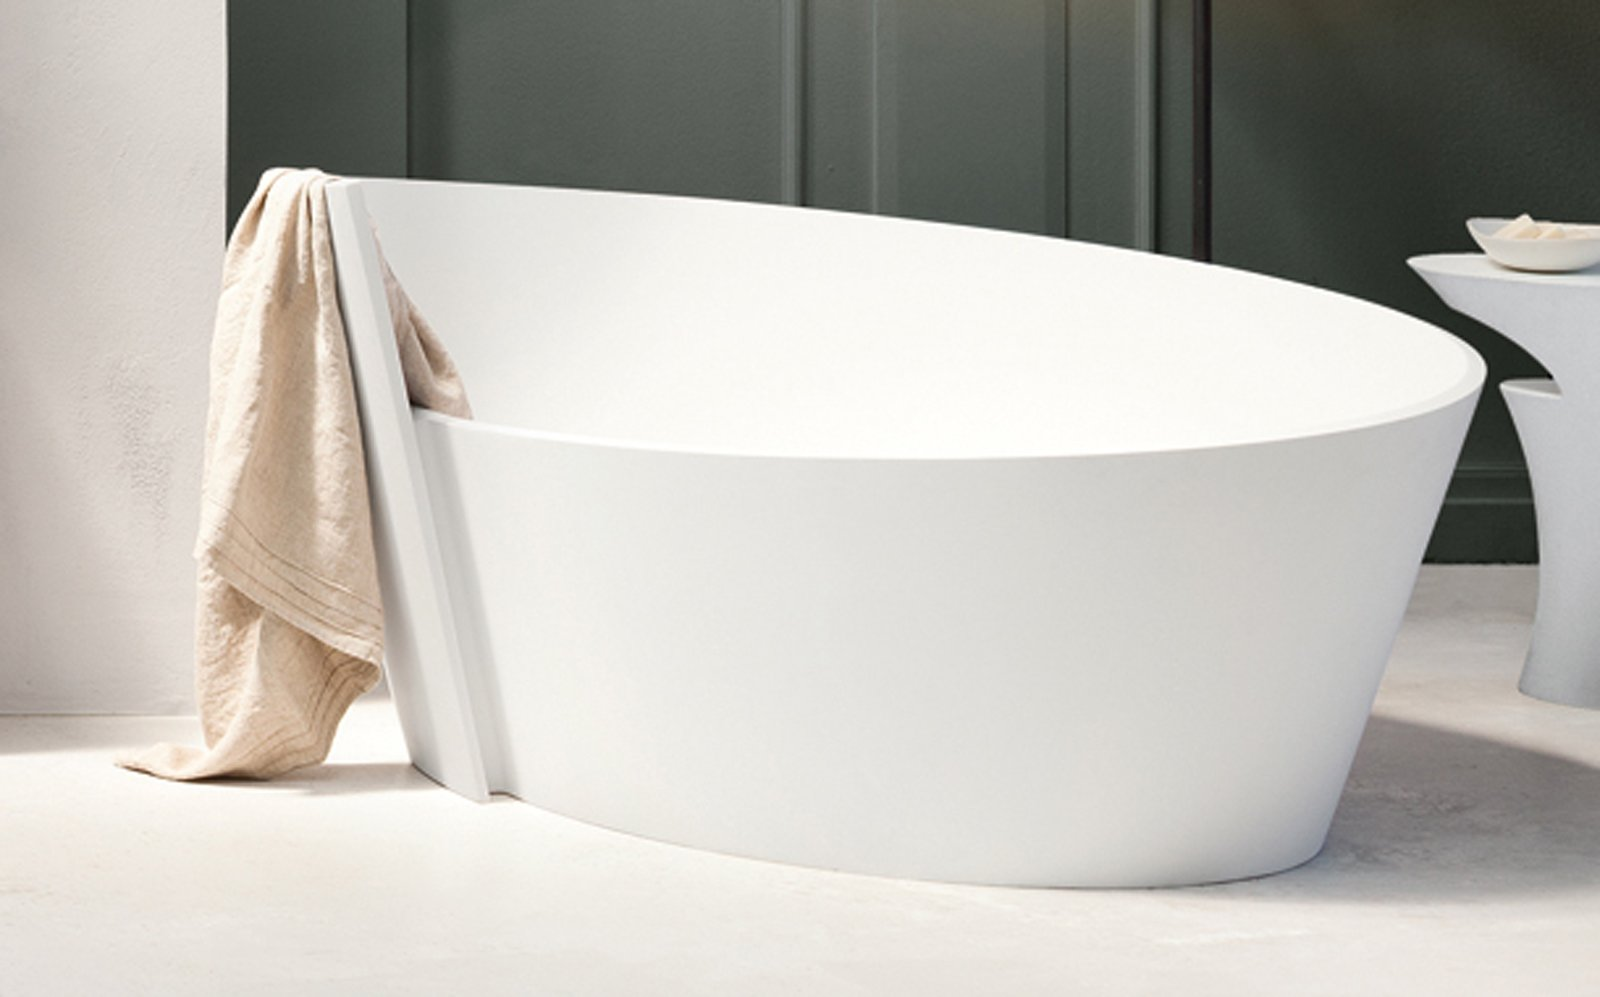 Vasche Da Bagno Resina Prezzi : La vasca per valorizzare il bagno cose di casa